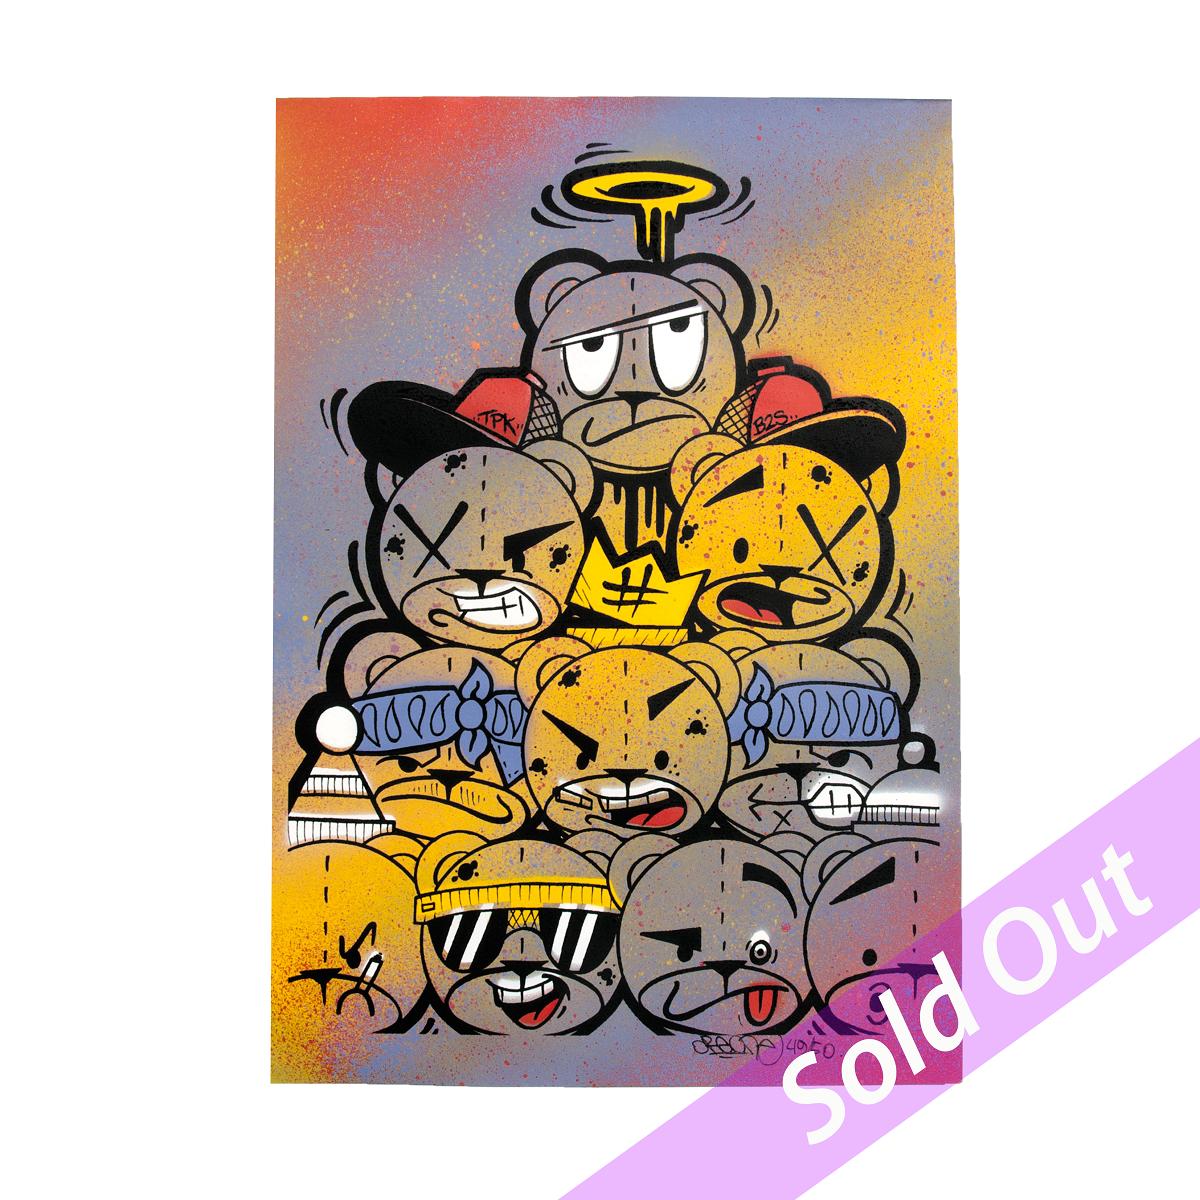 Endzlab - badassbear print 49 sur 50 sold out